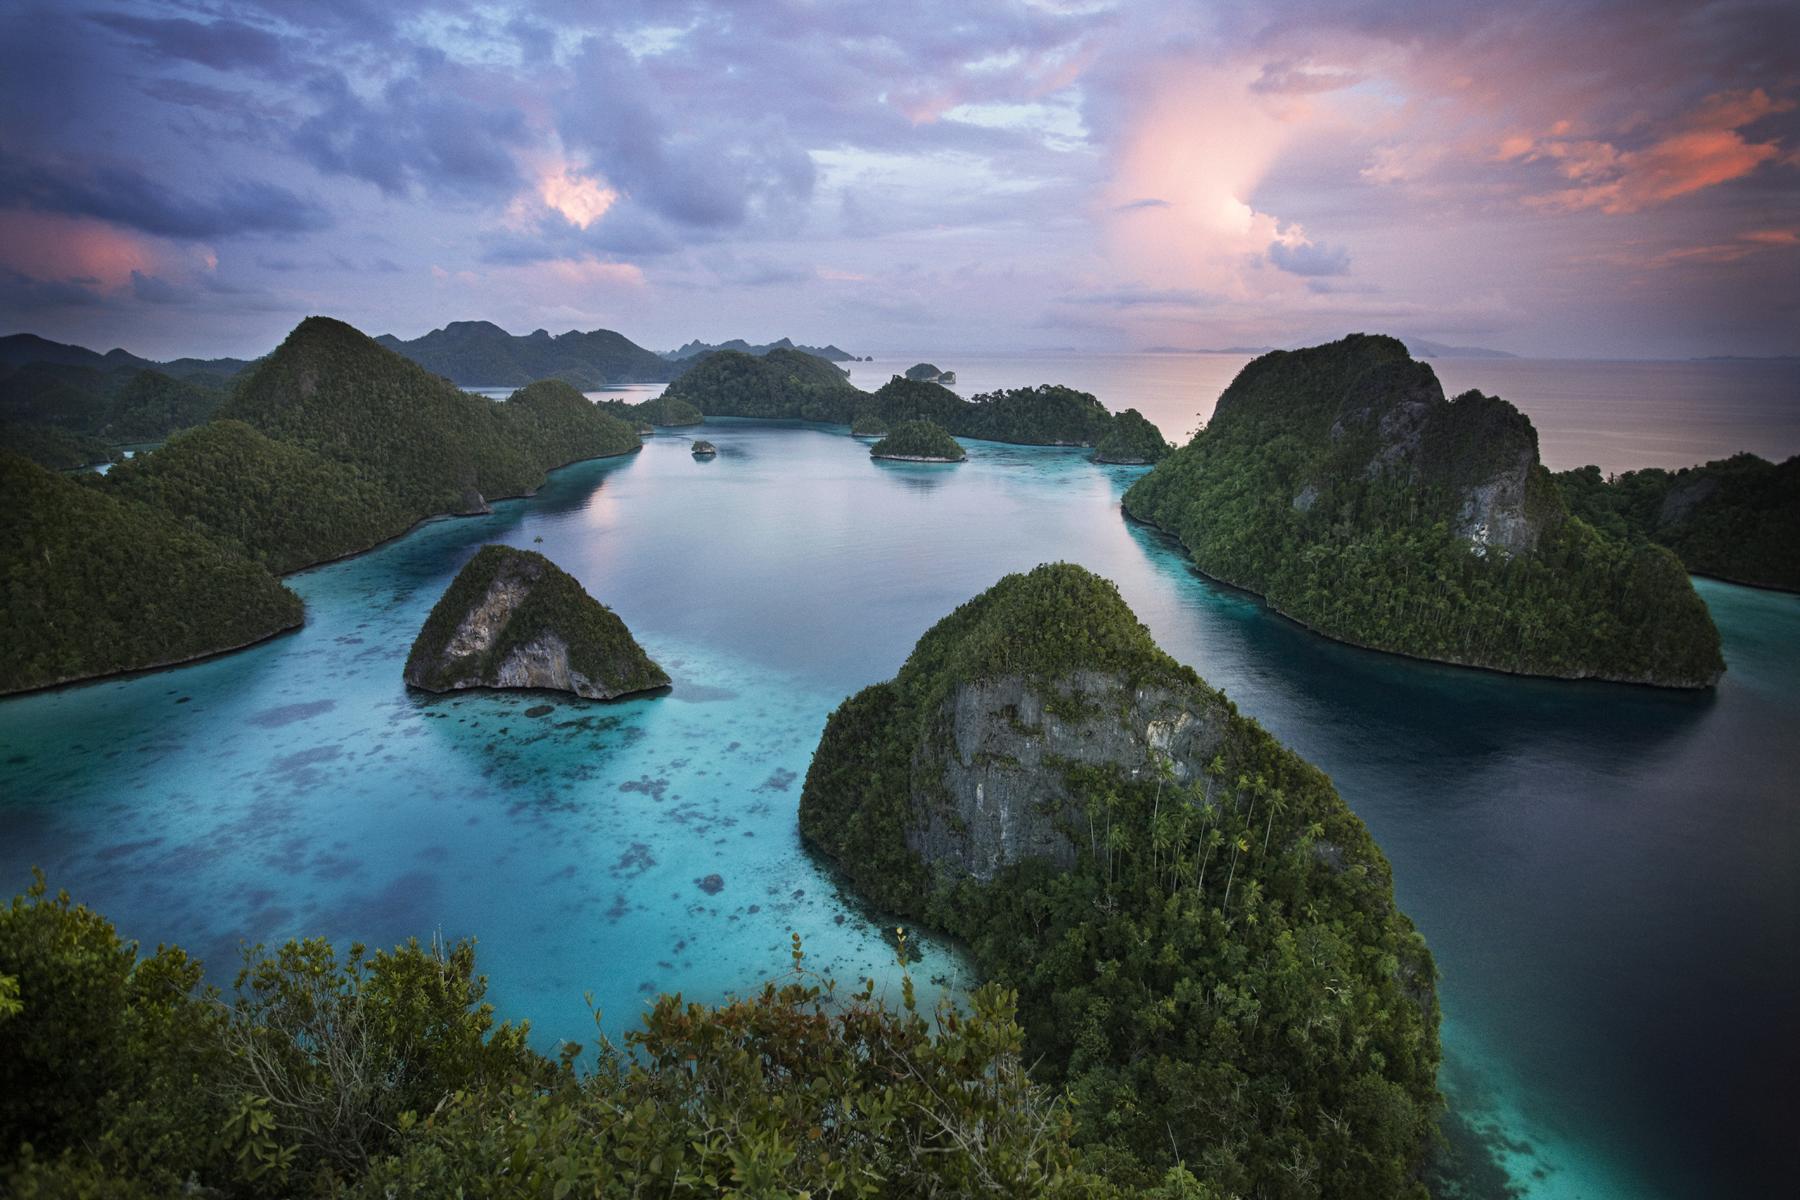 Felsige Küstengewässer Indonesiens im Dämmerlicht bei einer Reise mit der Amanikan von Aman Cruises